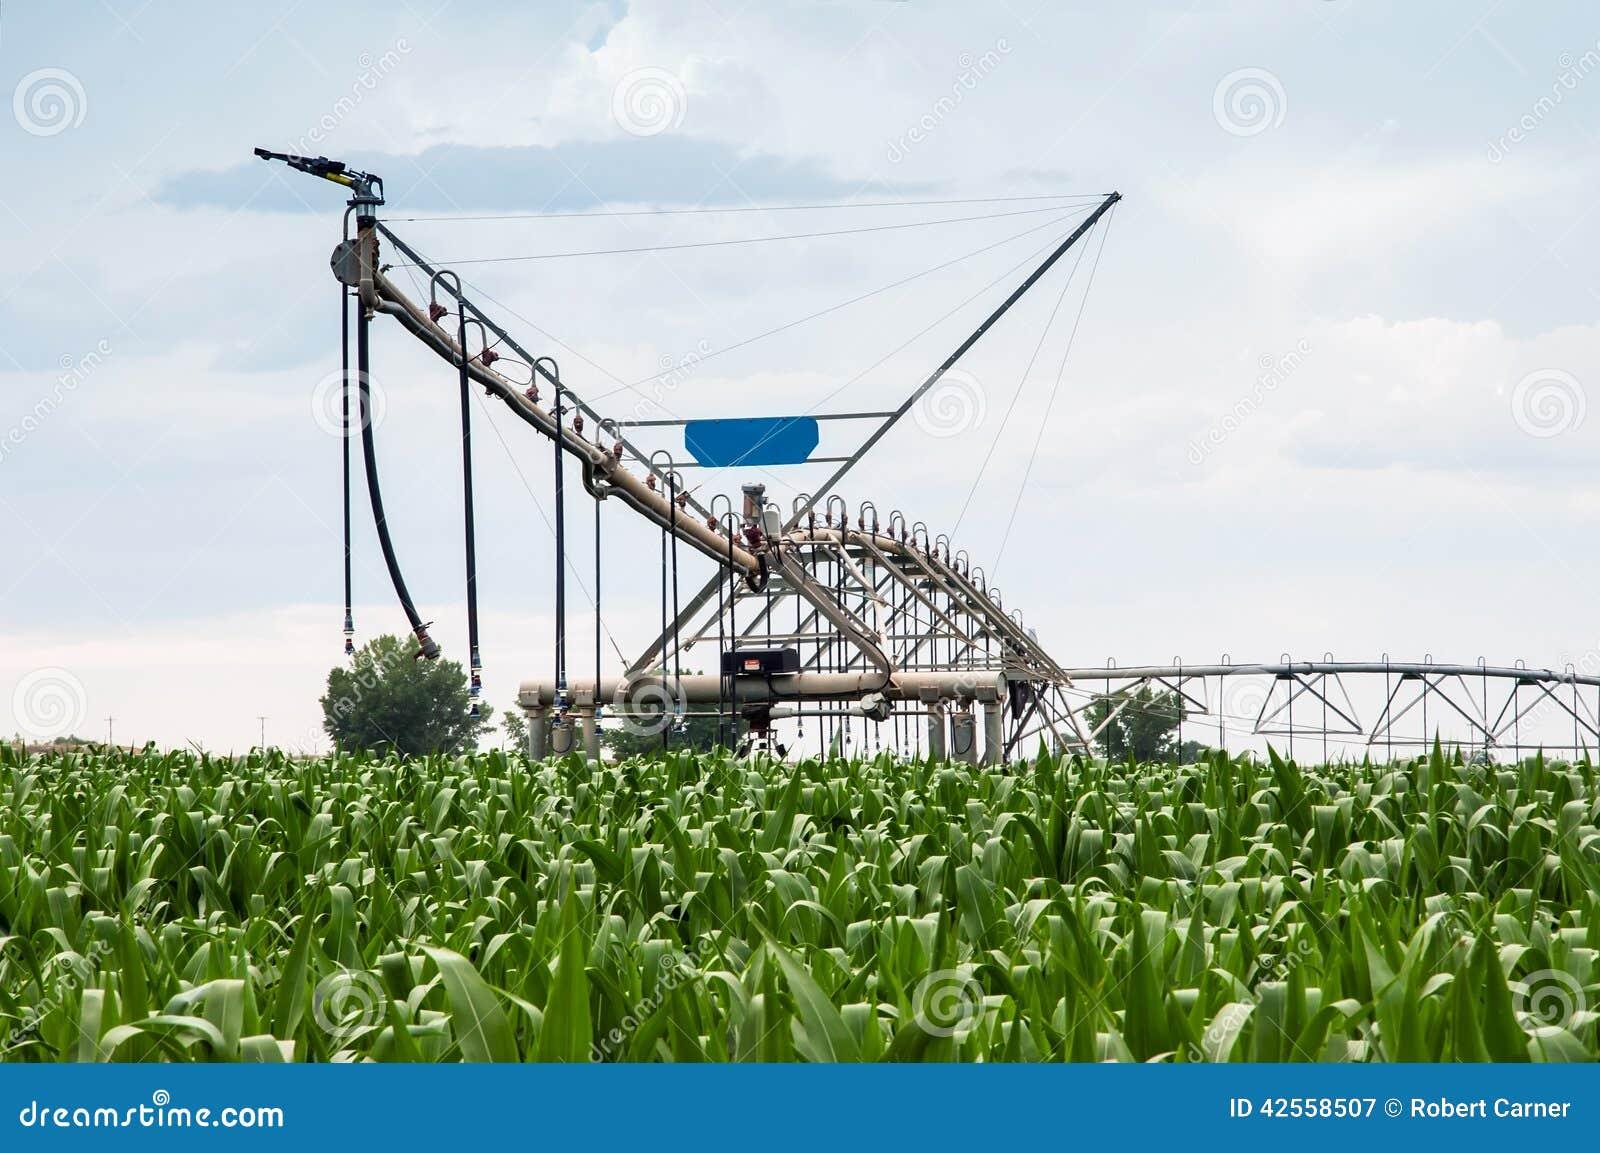 Syst me d 39 irrigation central de pivot dans le champ de ma s photo stock - Systeme d irrigation maison ...